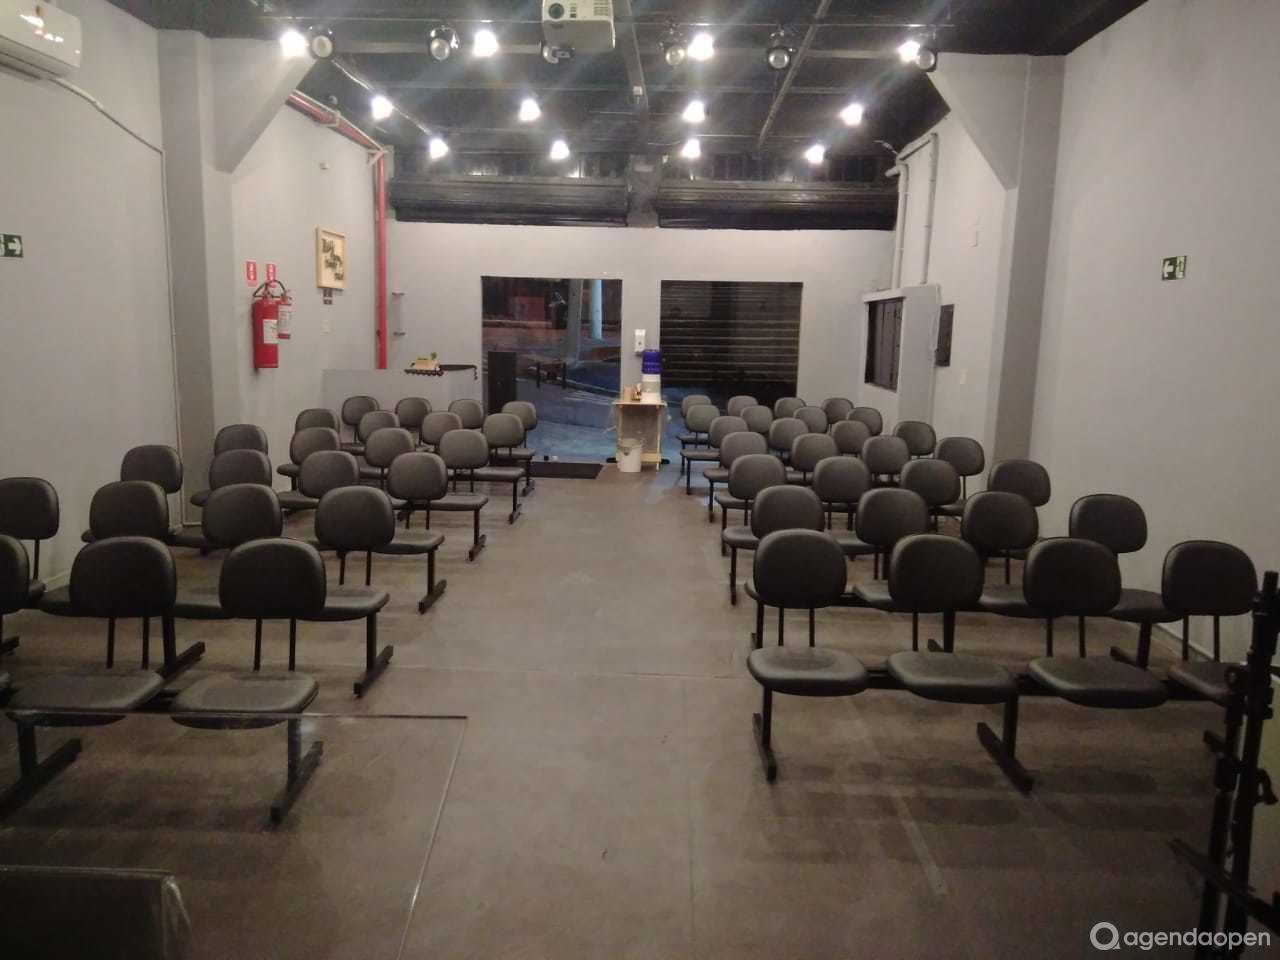 Espaço Bereana - Cupecê localizado em Americanópolis, São Paulo tem 1 sala e espaços para Reunião e Evento. Alugue sala para reunião, palestra, workshop, apresentação, e muito mais!